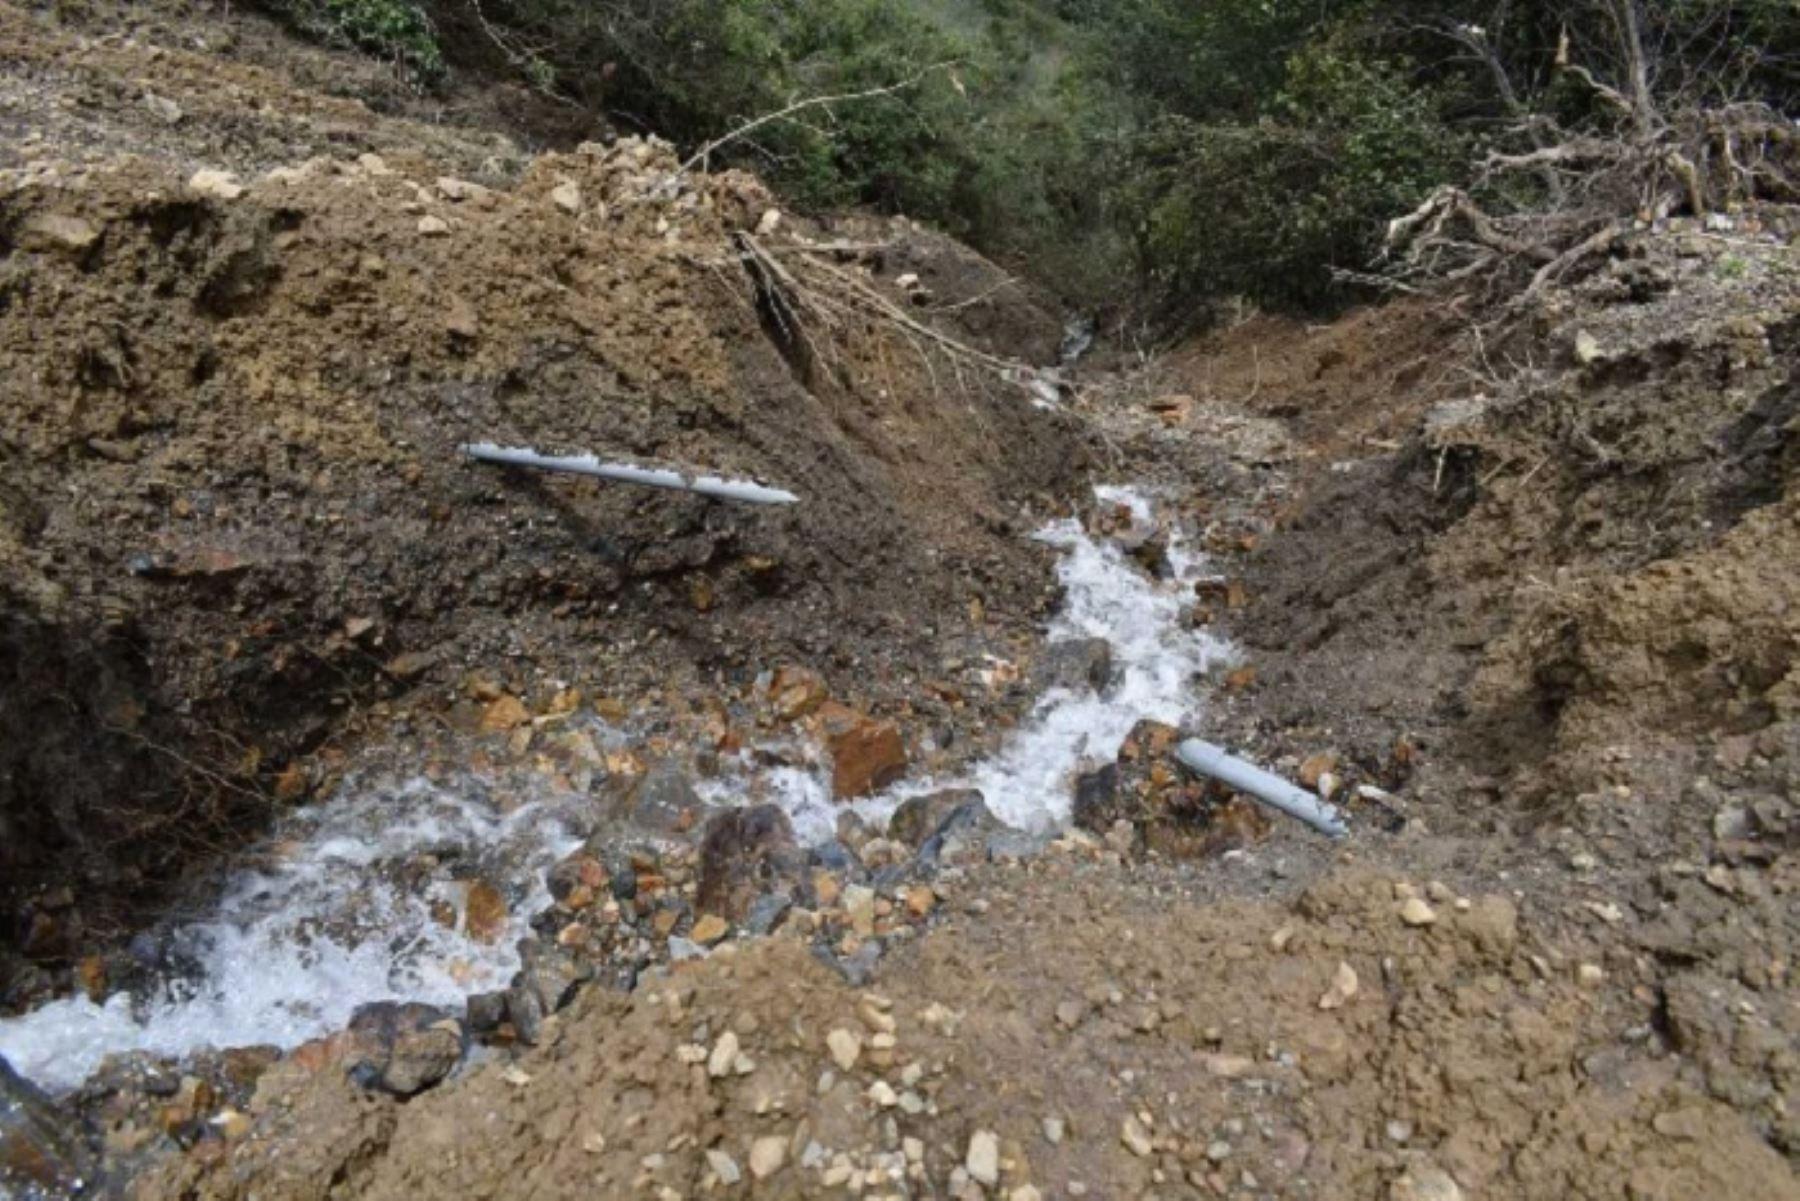 Debido a las lluvias intensas colapsó el sistema de captación de agua potable que abastece a las localidades de Huaychó y Yurajyacu, en la provincia de Pomabamba, región Áncash, y alrededor de 400 usuarios no cuentan con el servicio.